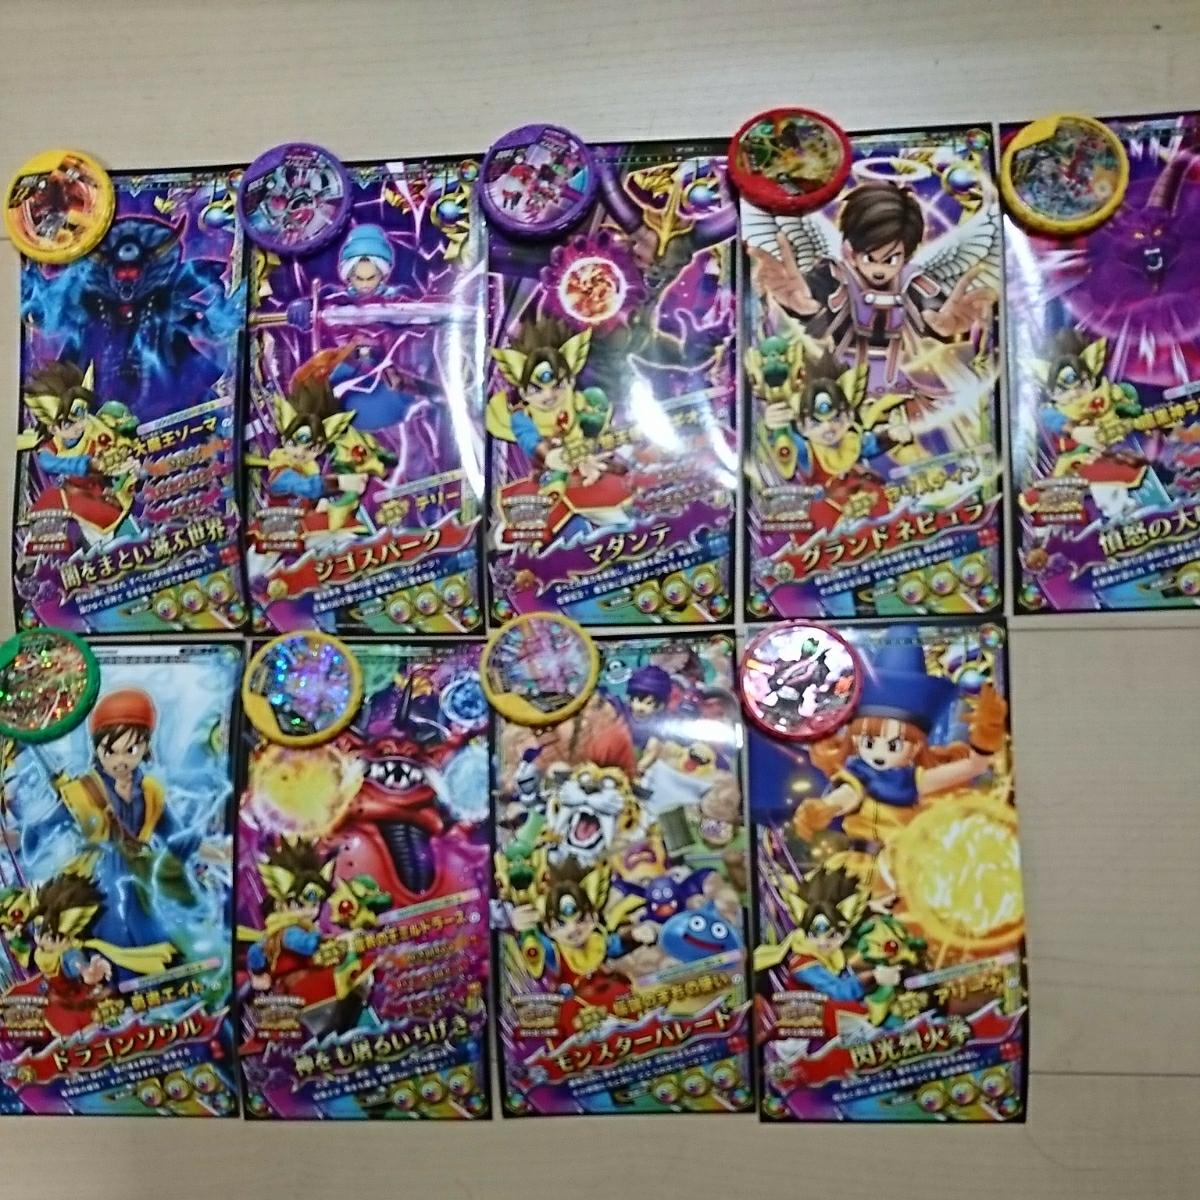 ドラクエモンスターバトルスキャナー スペシャルチケット大量(送無) スキャンバトラーズ使用可_画像2